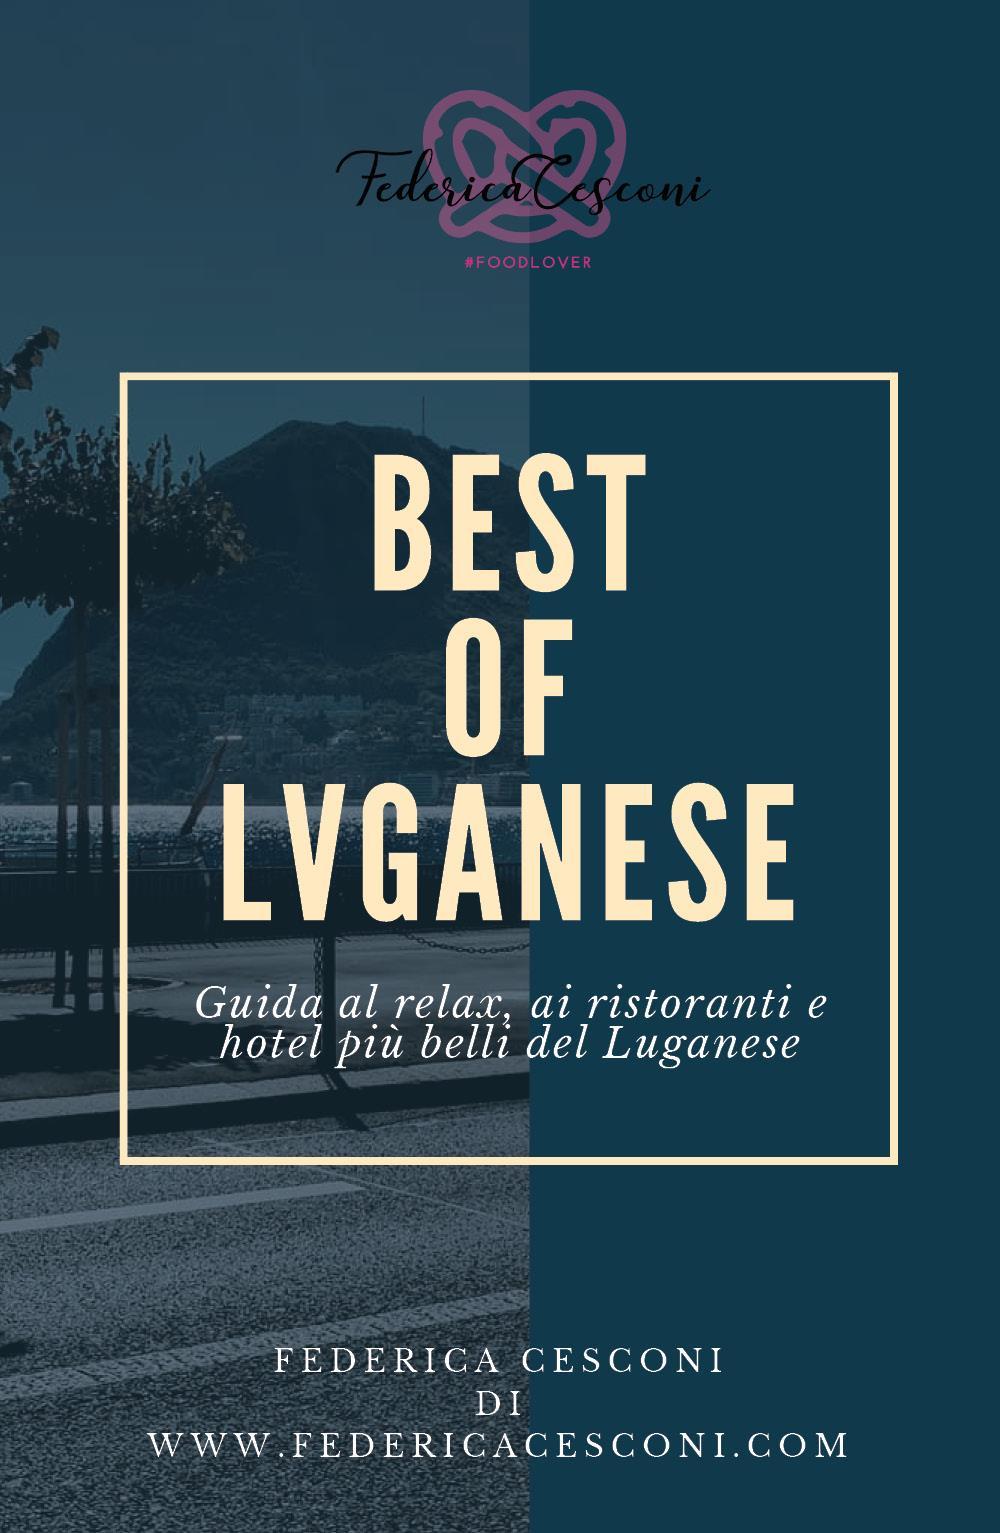 Best of Lvganese